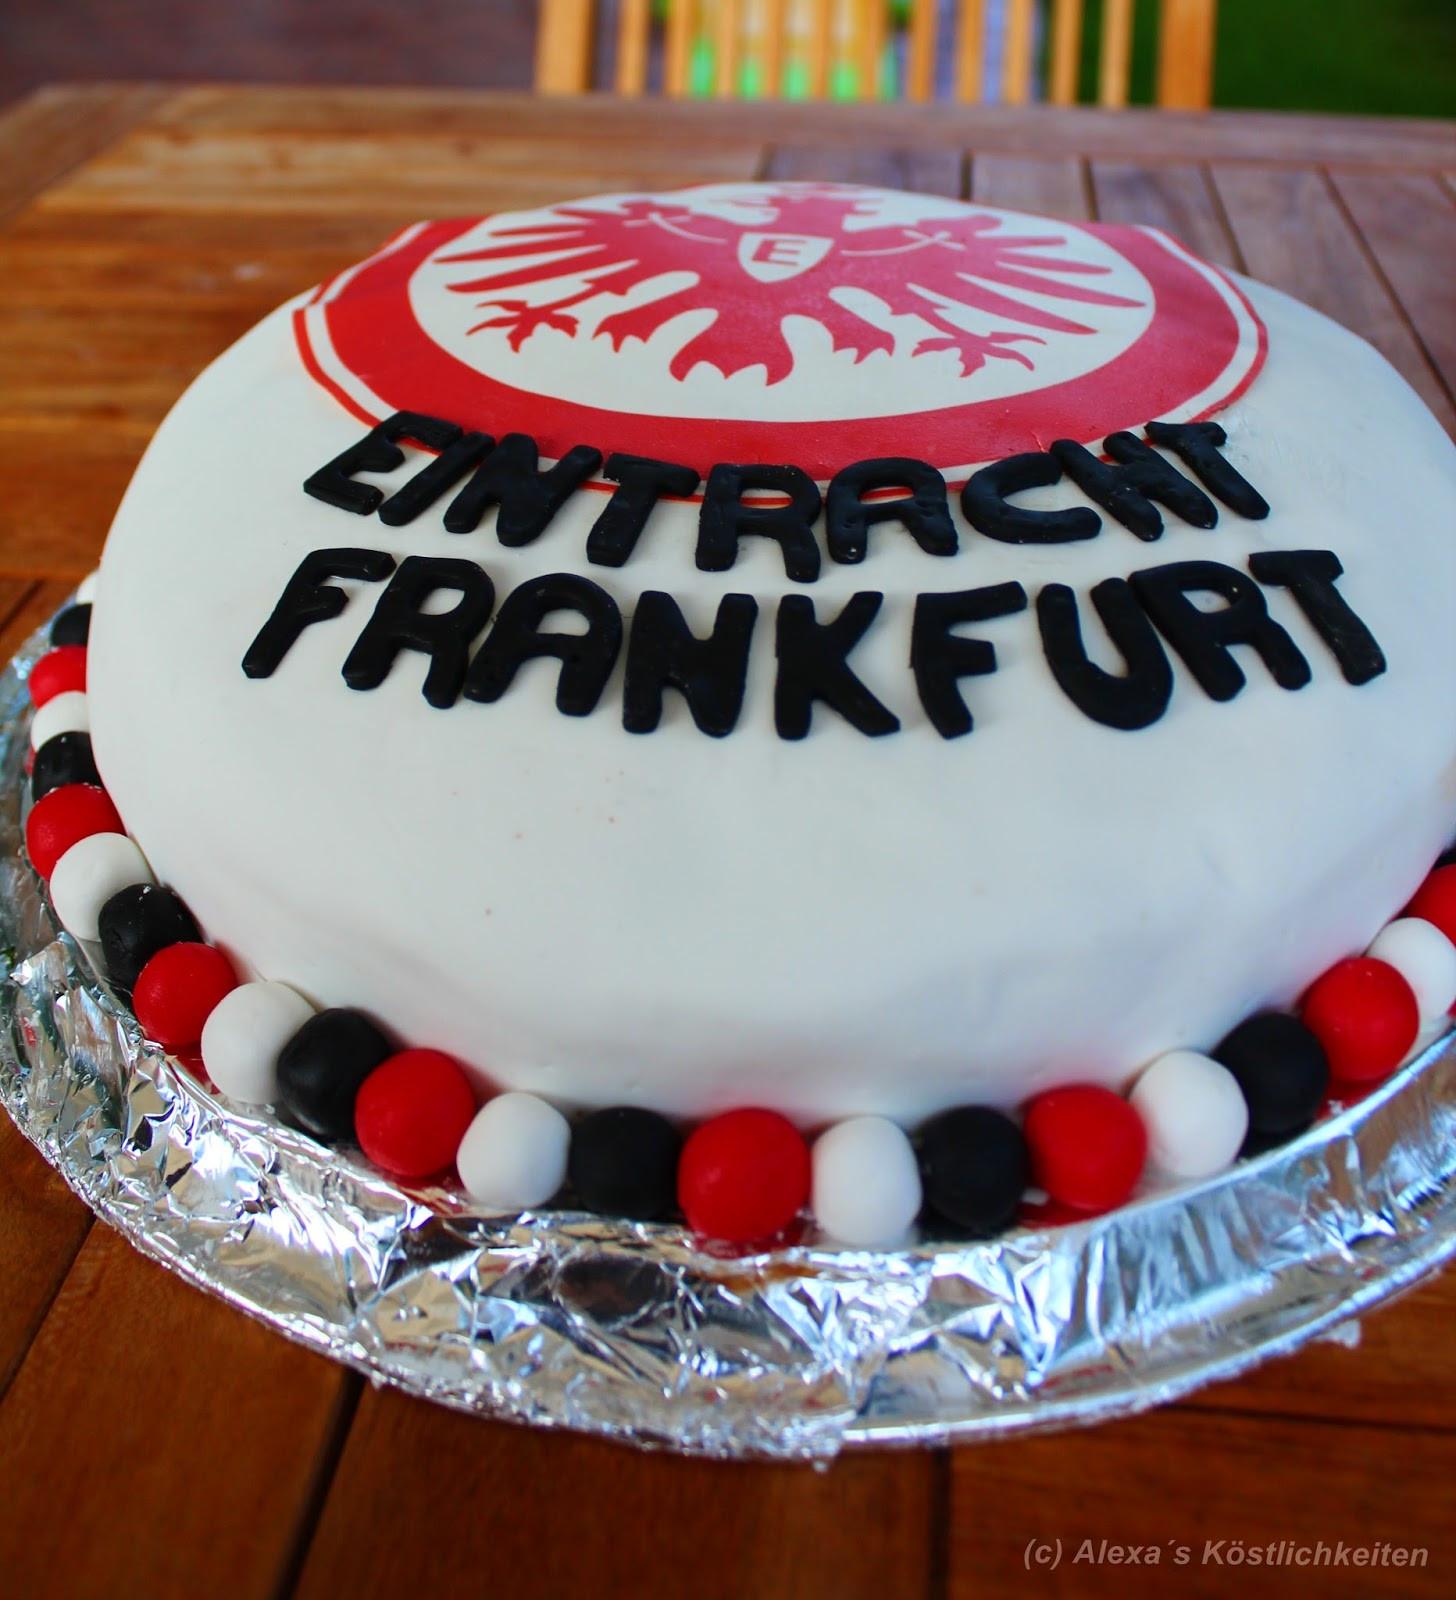 Geburtstagstorte Frankfurt  Bilder Geburtstag Eintracht Frankfurt